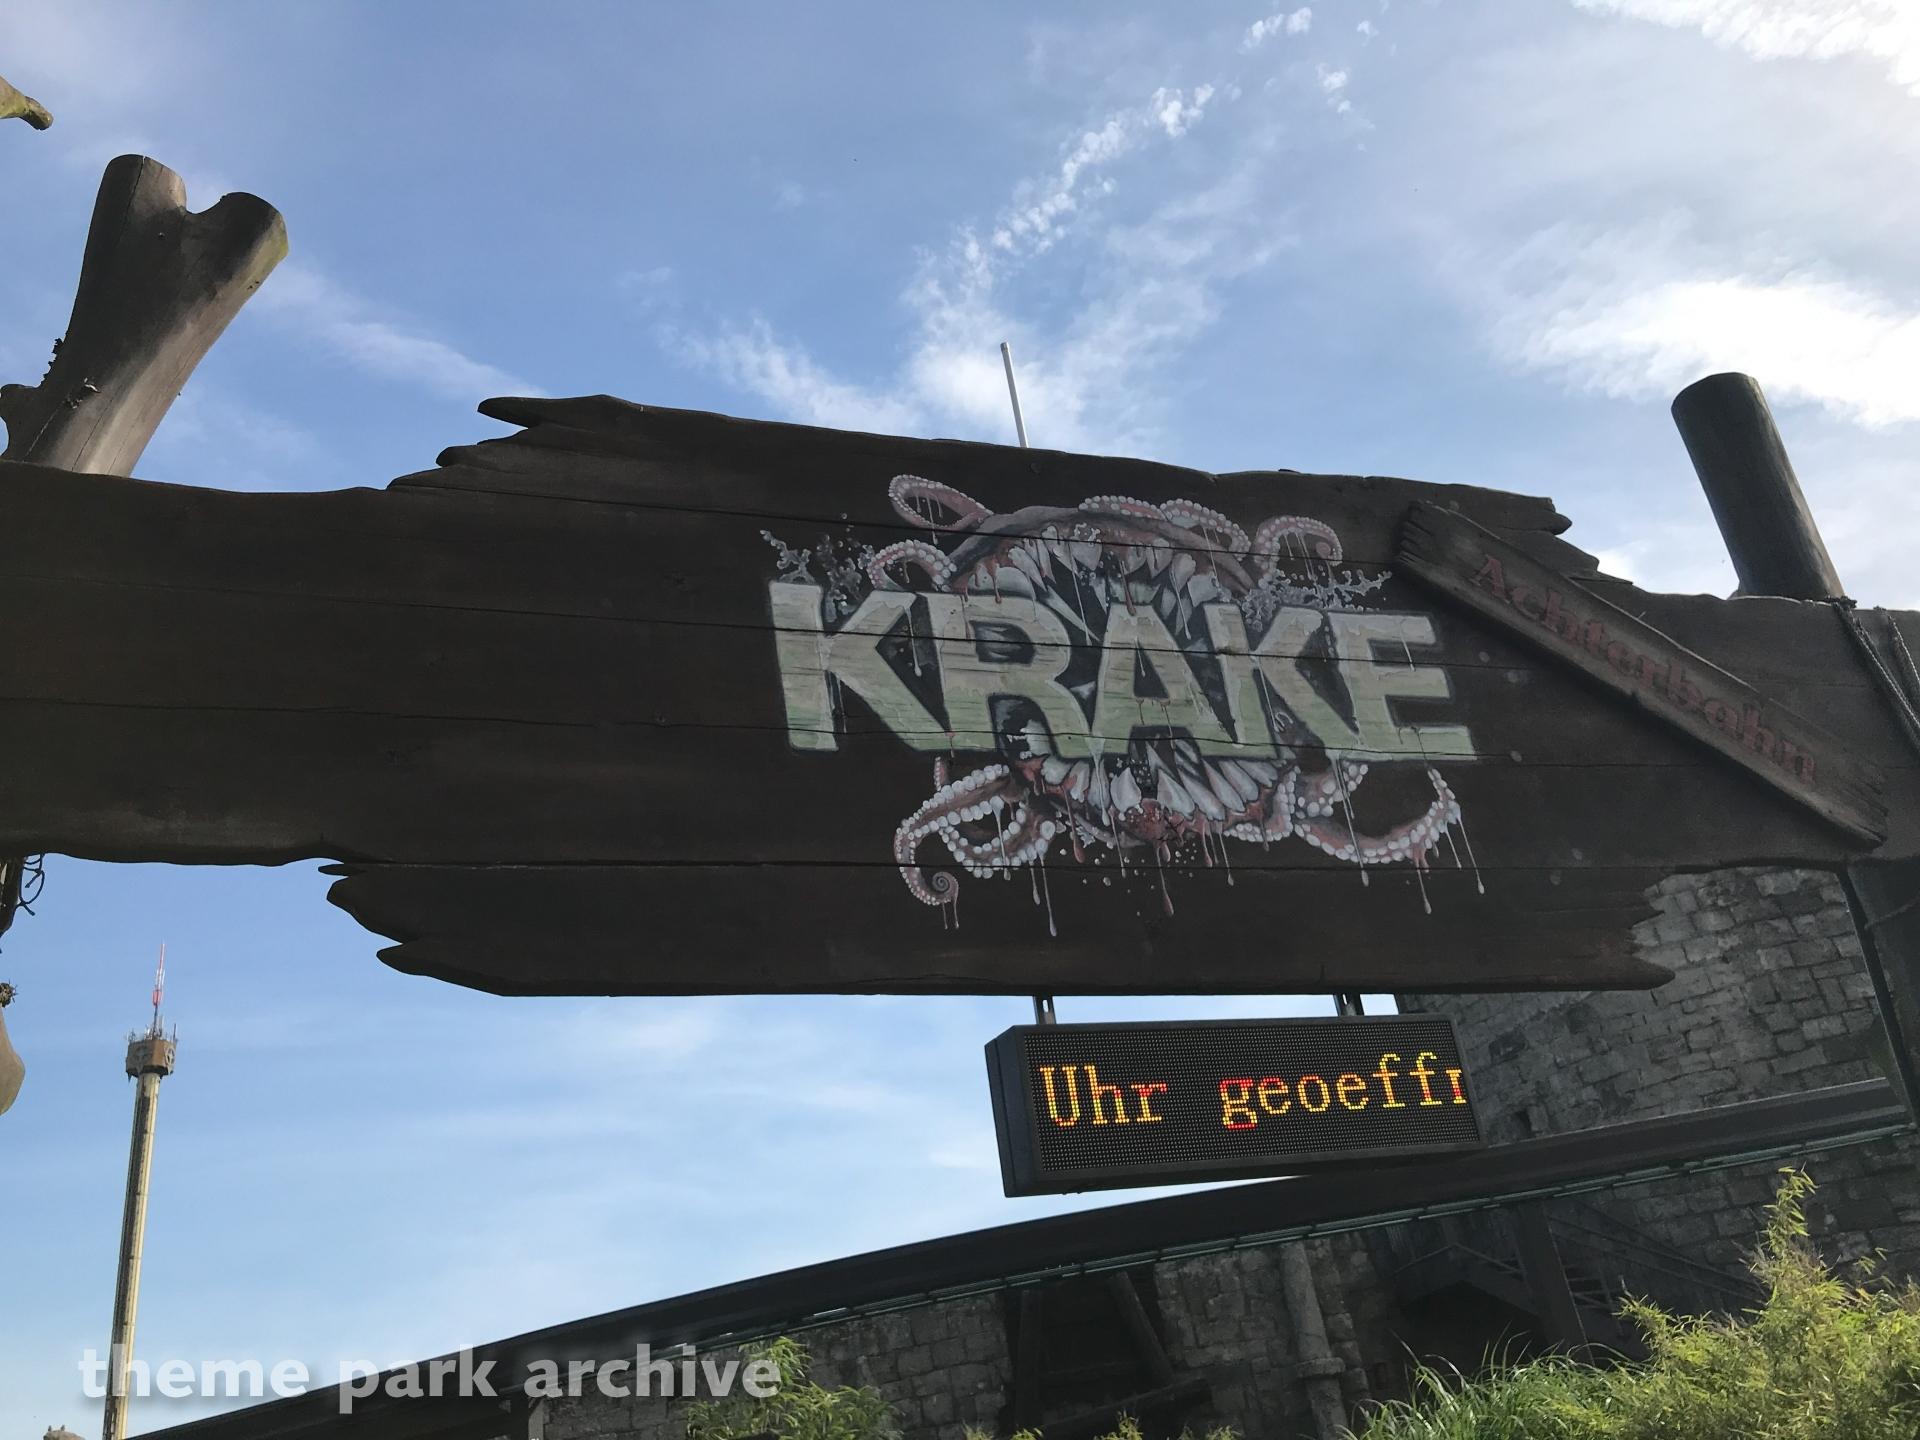 Krake at Heide Park